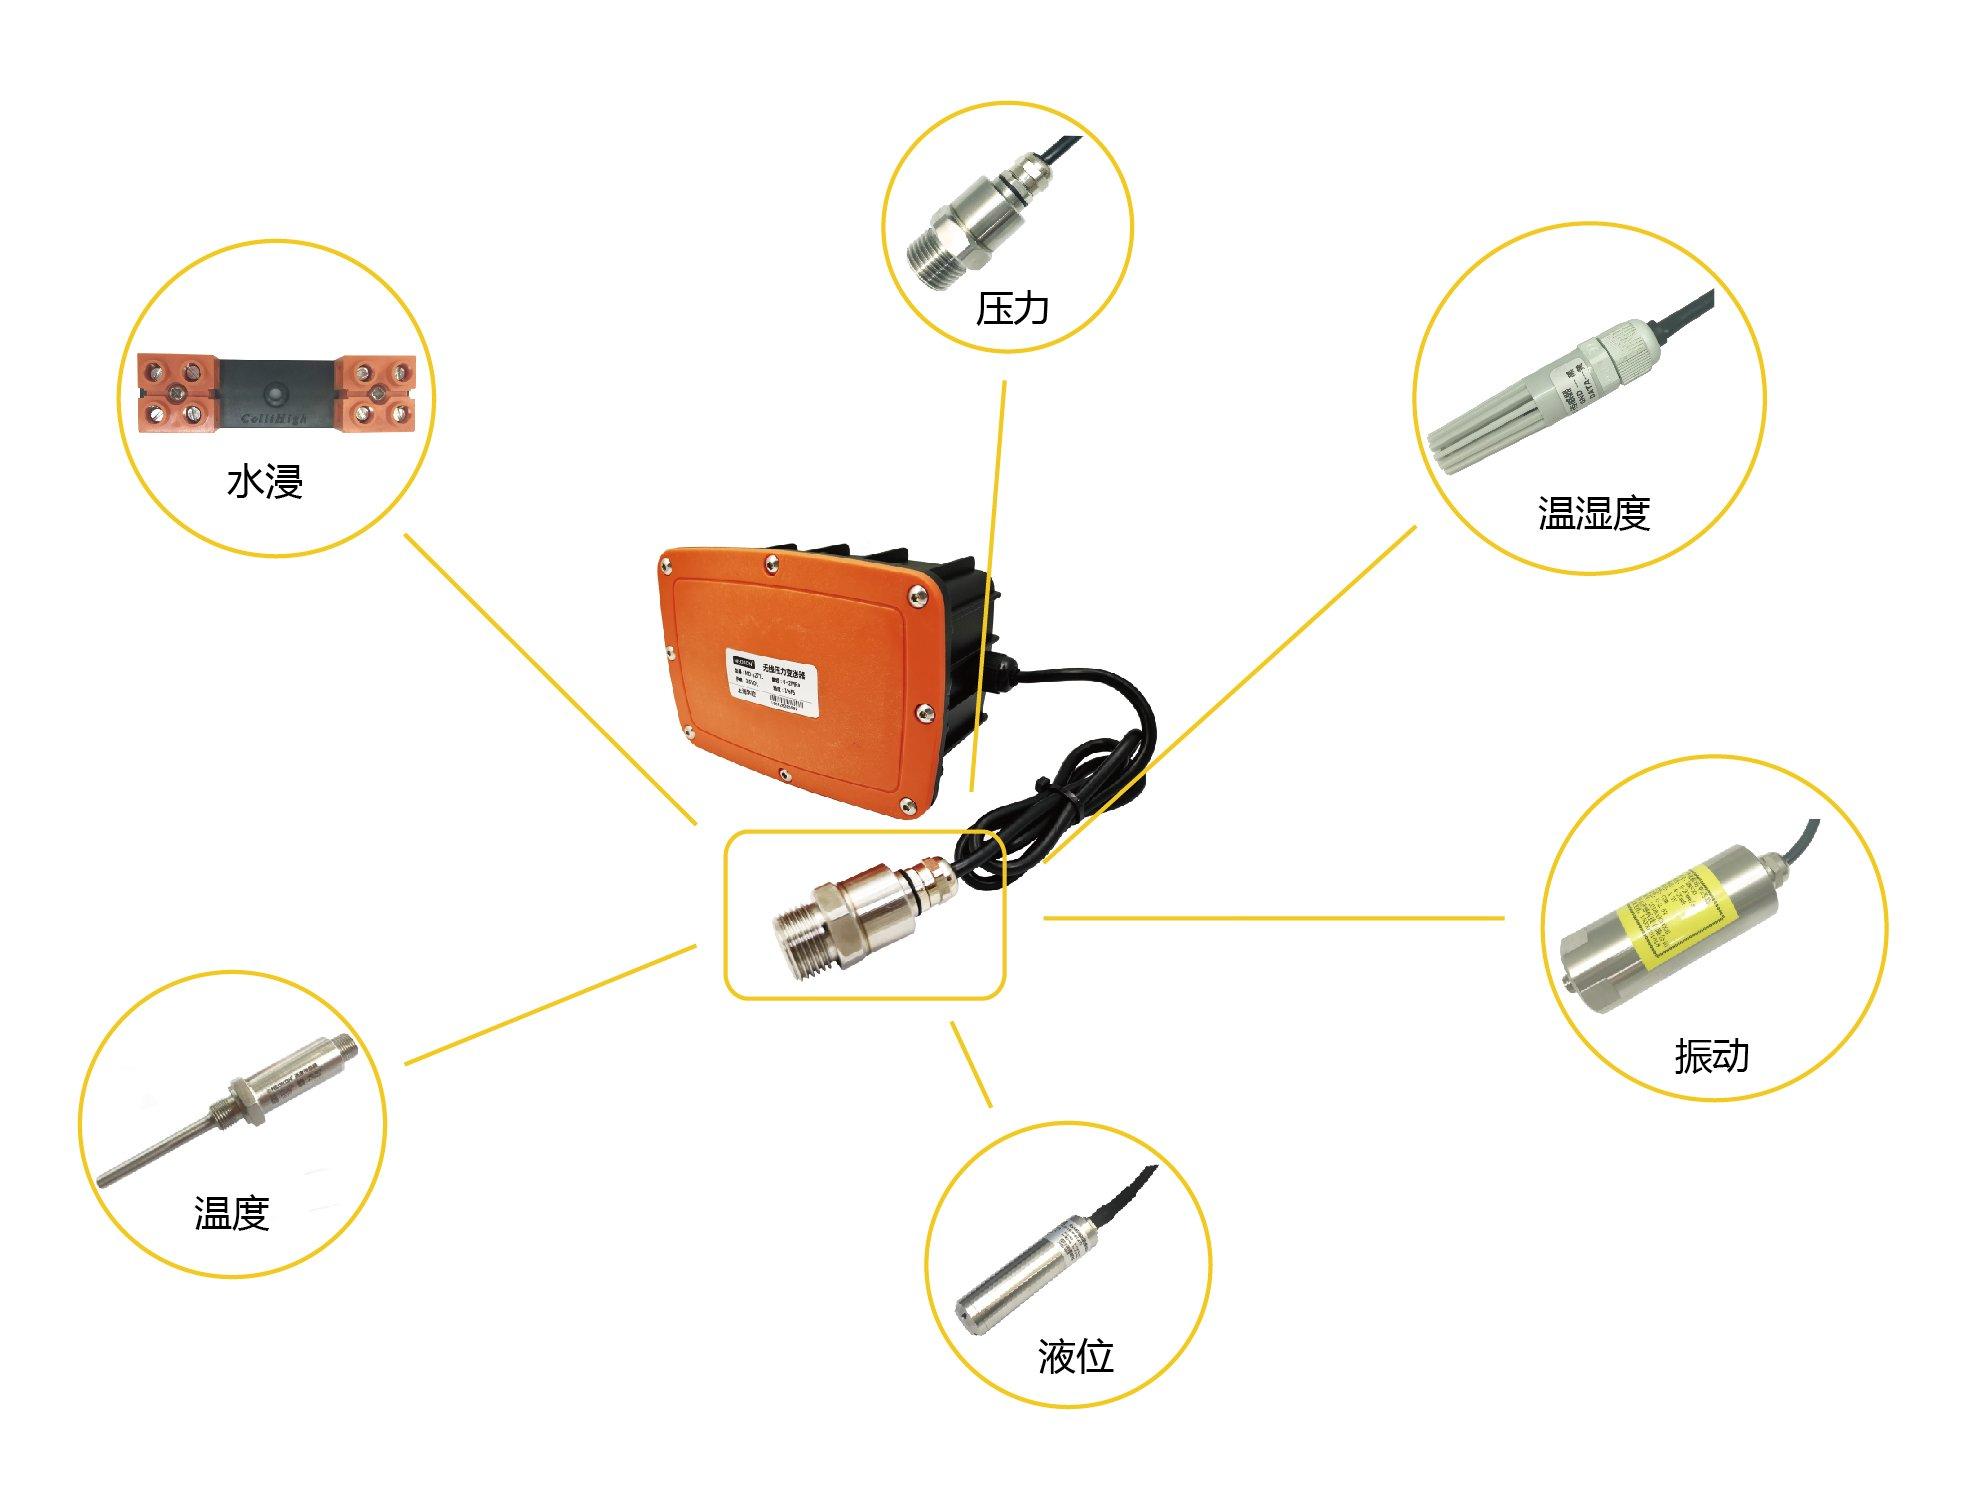 上海铭控:新品速递 之 无线智能终端系列